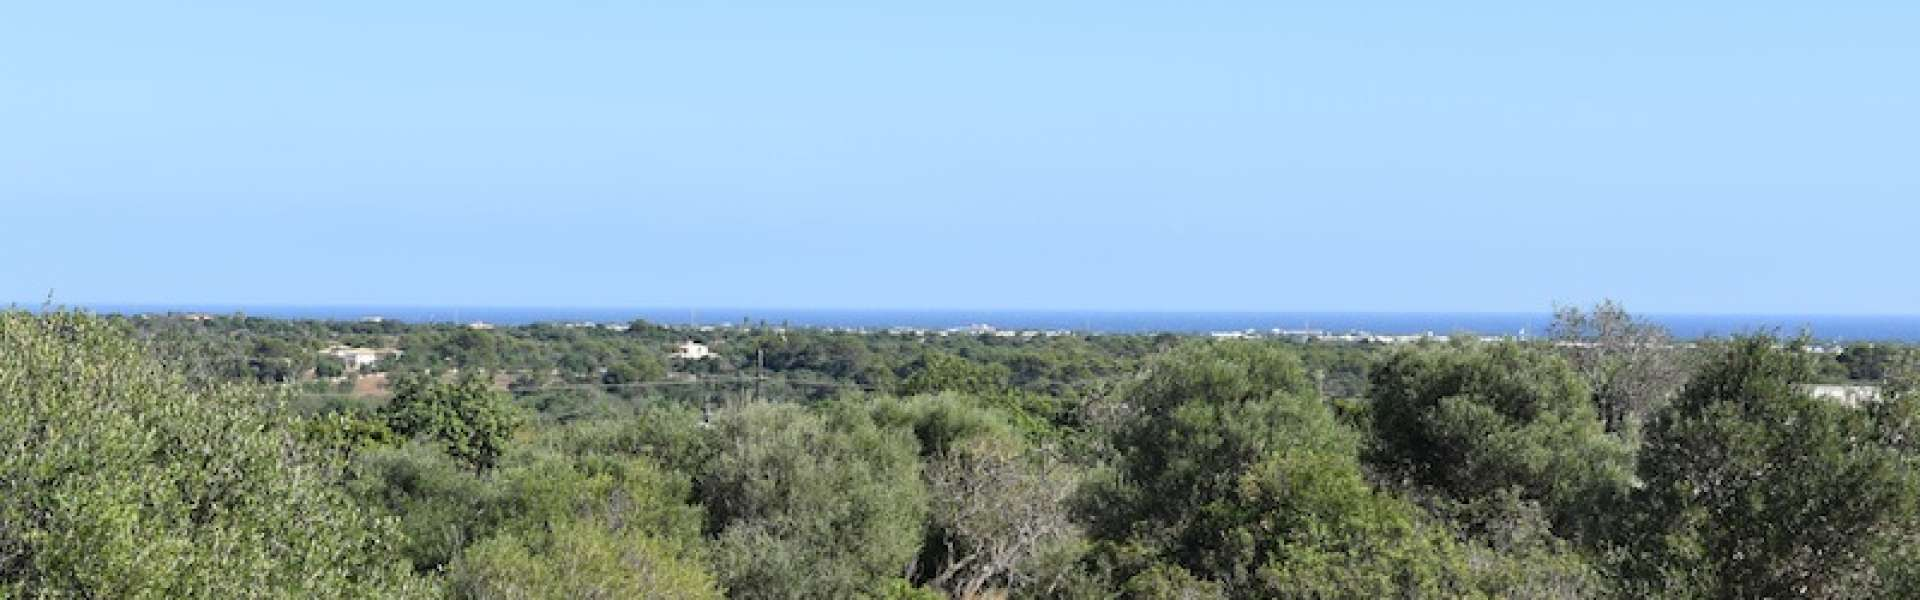 Seaview Plot for Sale - Alqueria Blanca